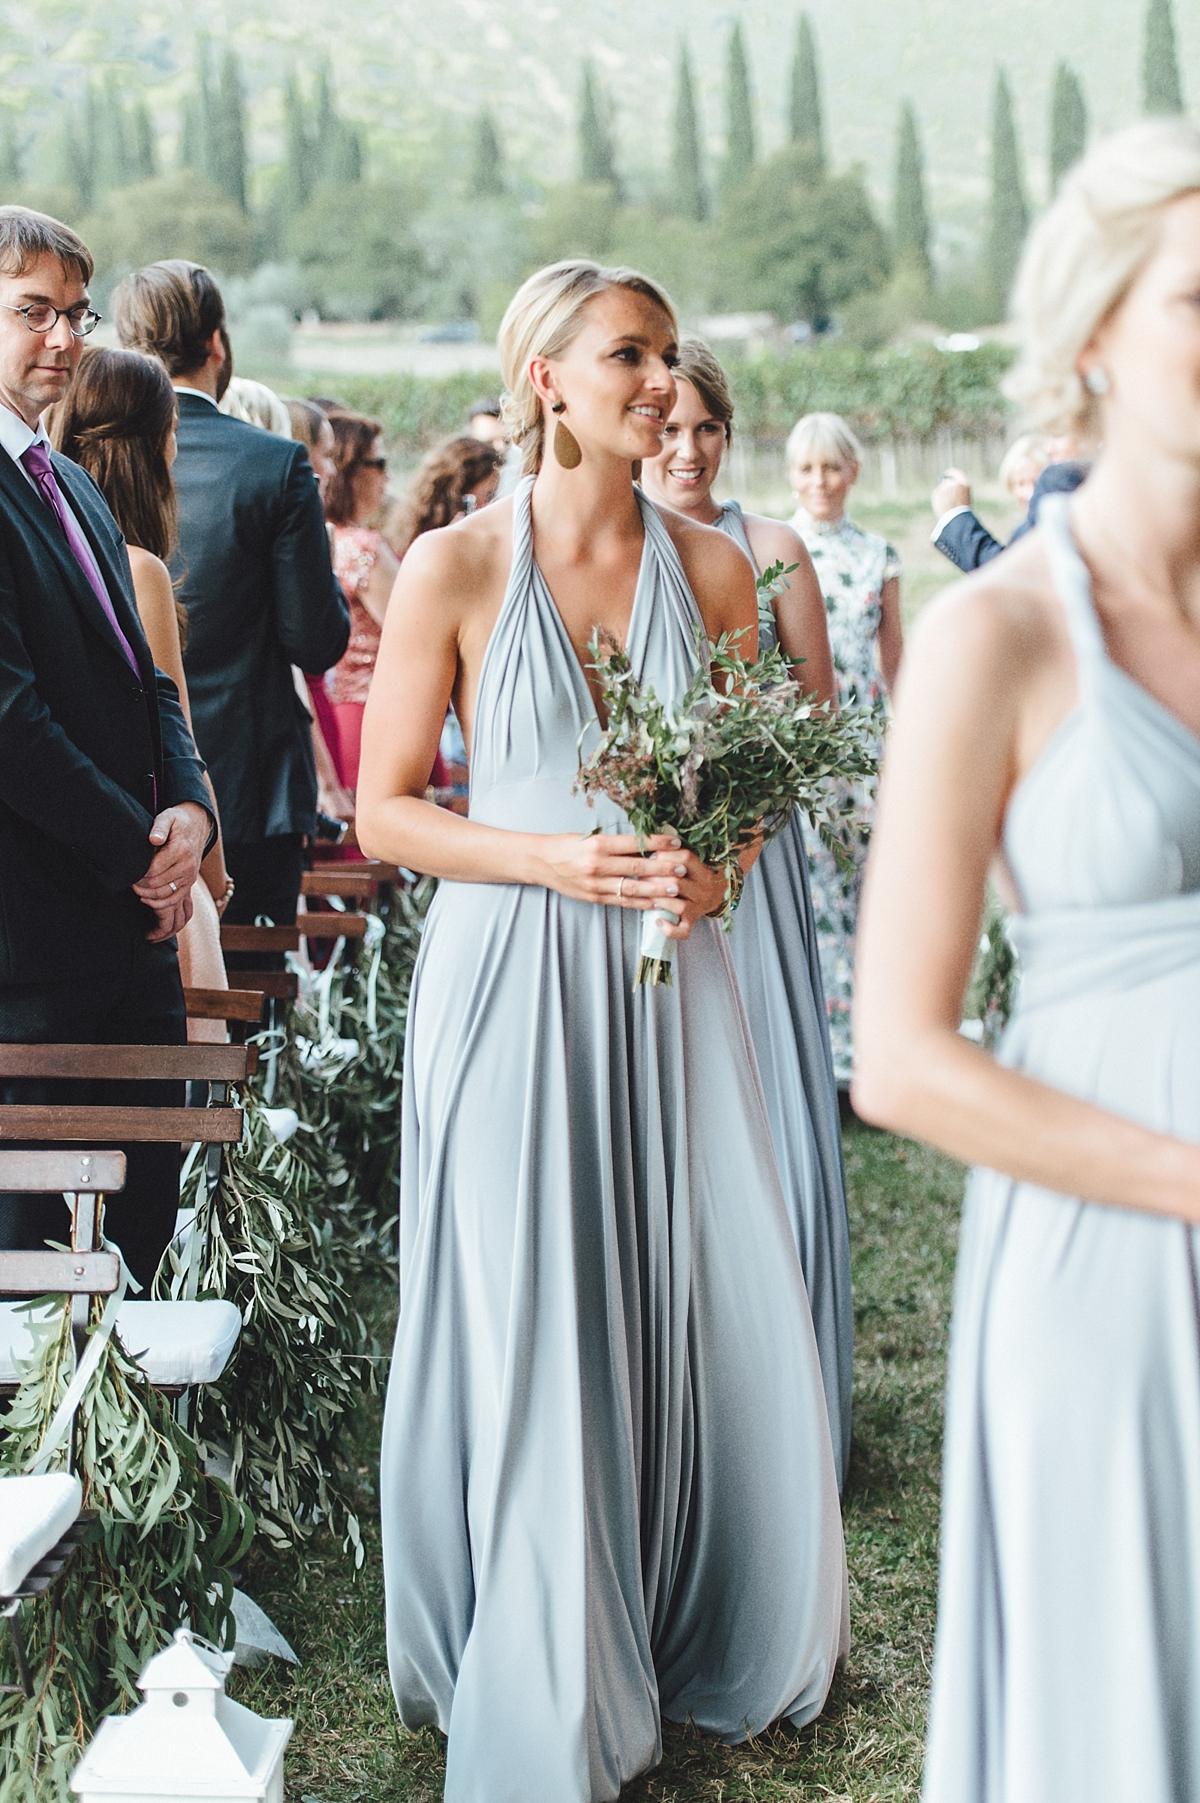 hochzeitsfotograf toskana Kristina & Daniel Mediterrane Toskana Hochzeithochzeitsfotograf toskana italien 2118